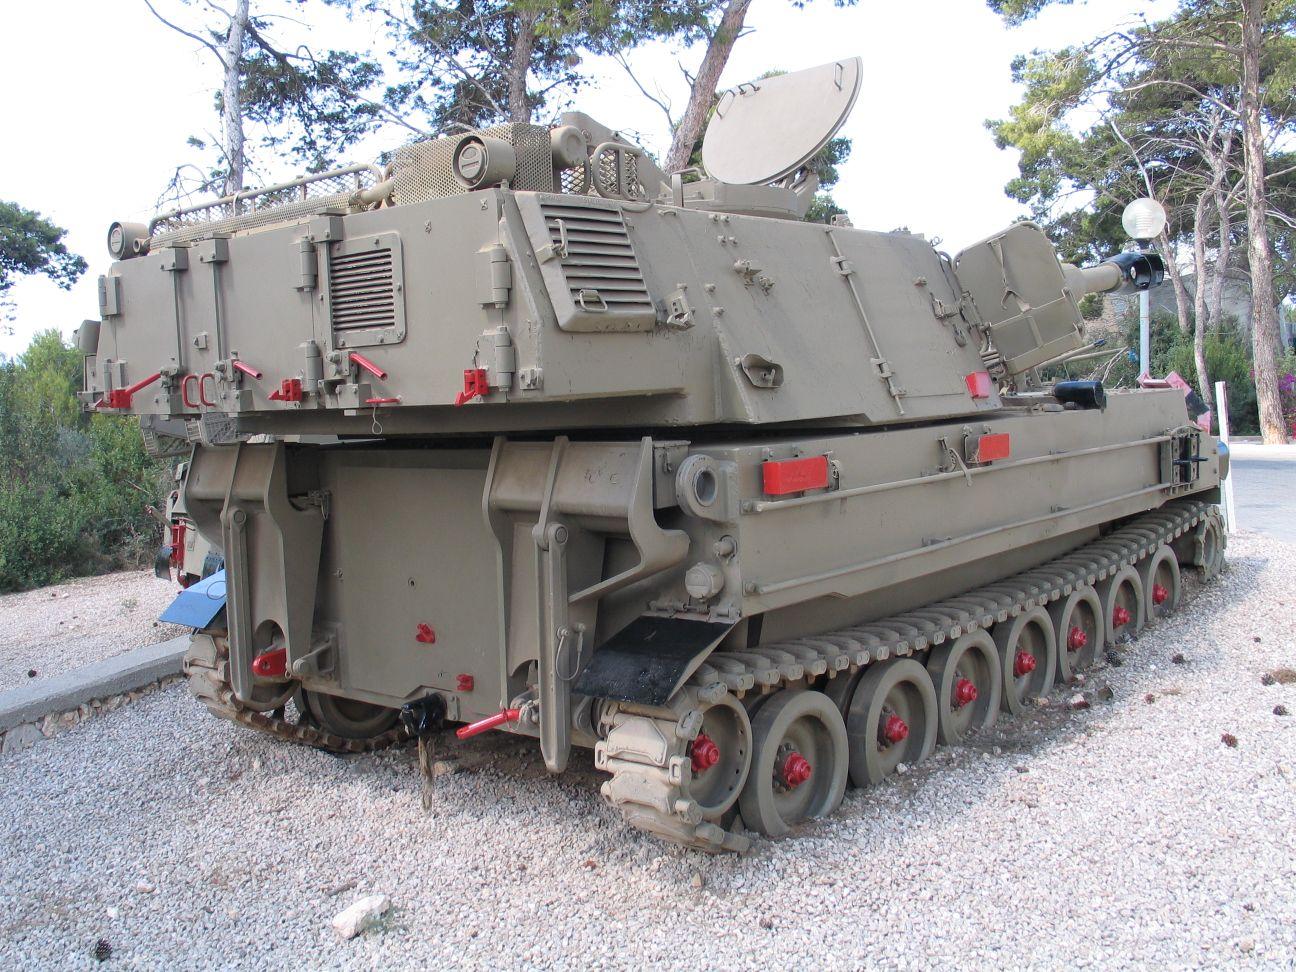 Первые четыре 155 мм сау archer (bae systems bofors archer (fh77bw l52)) из